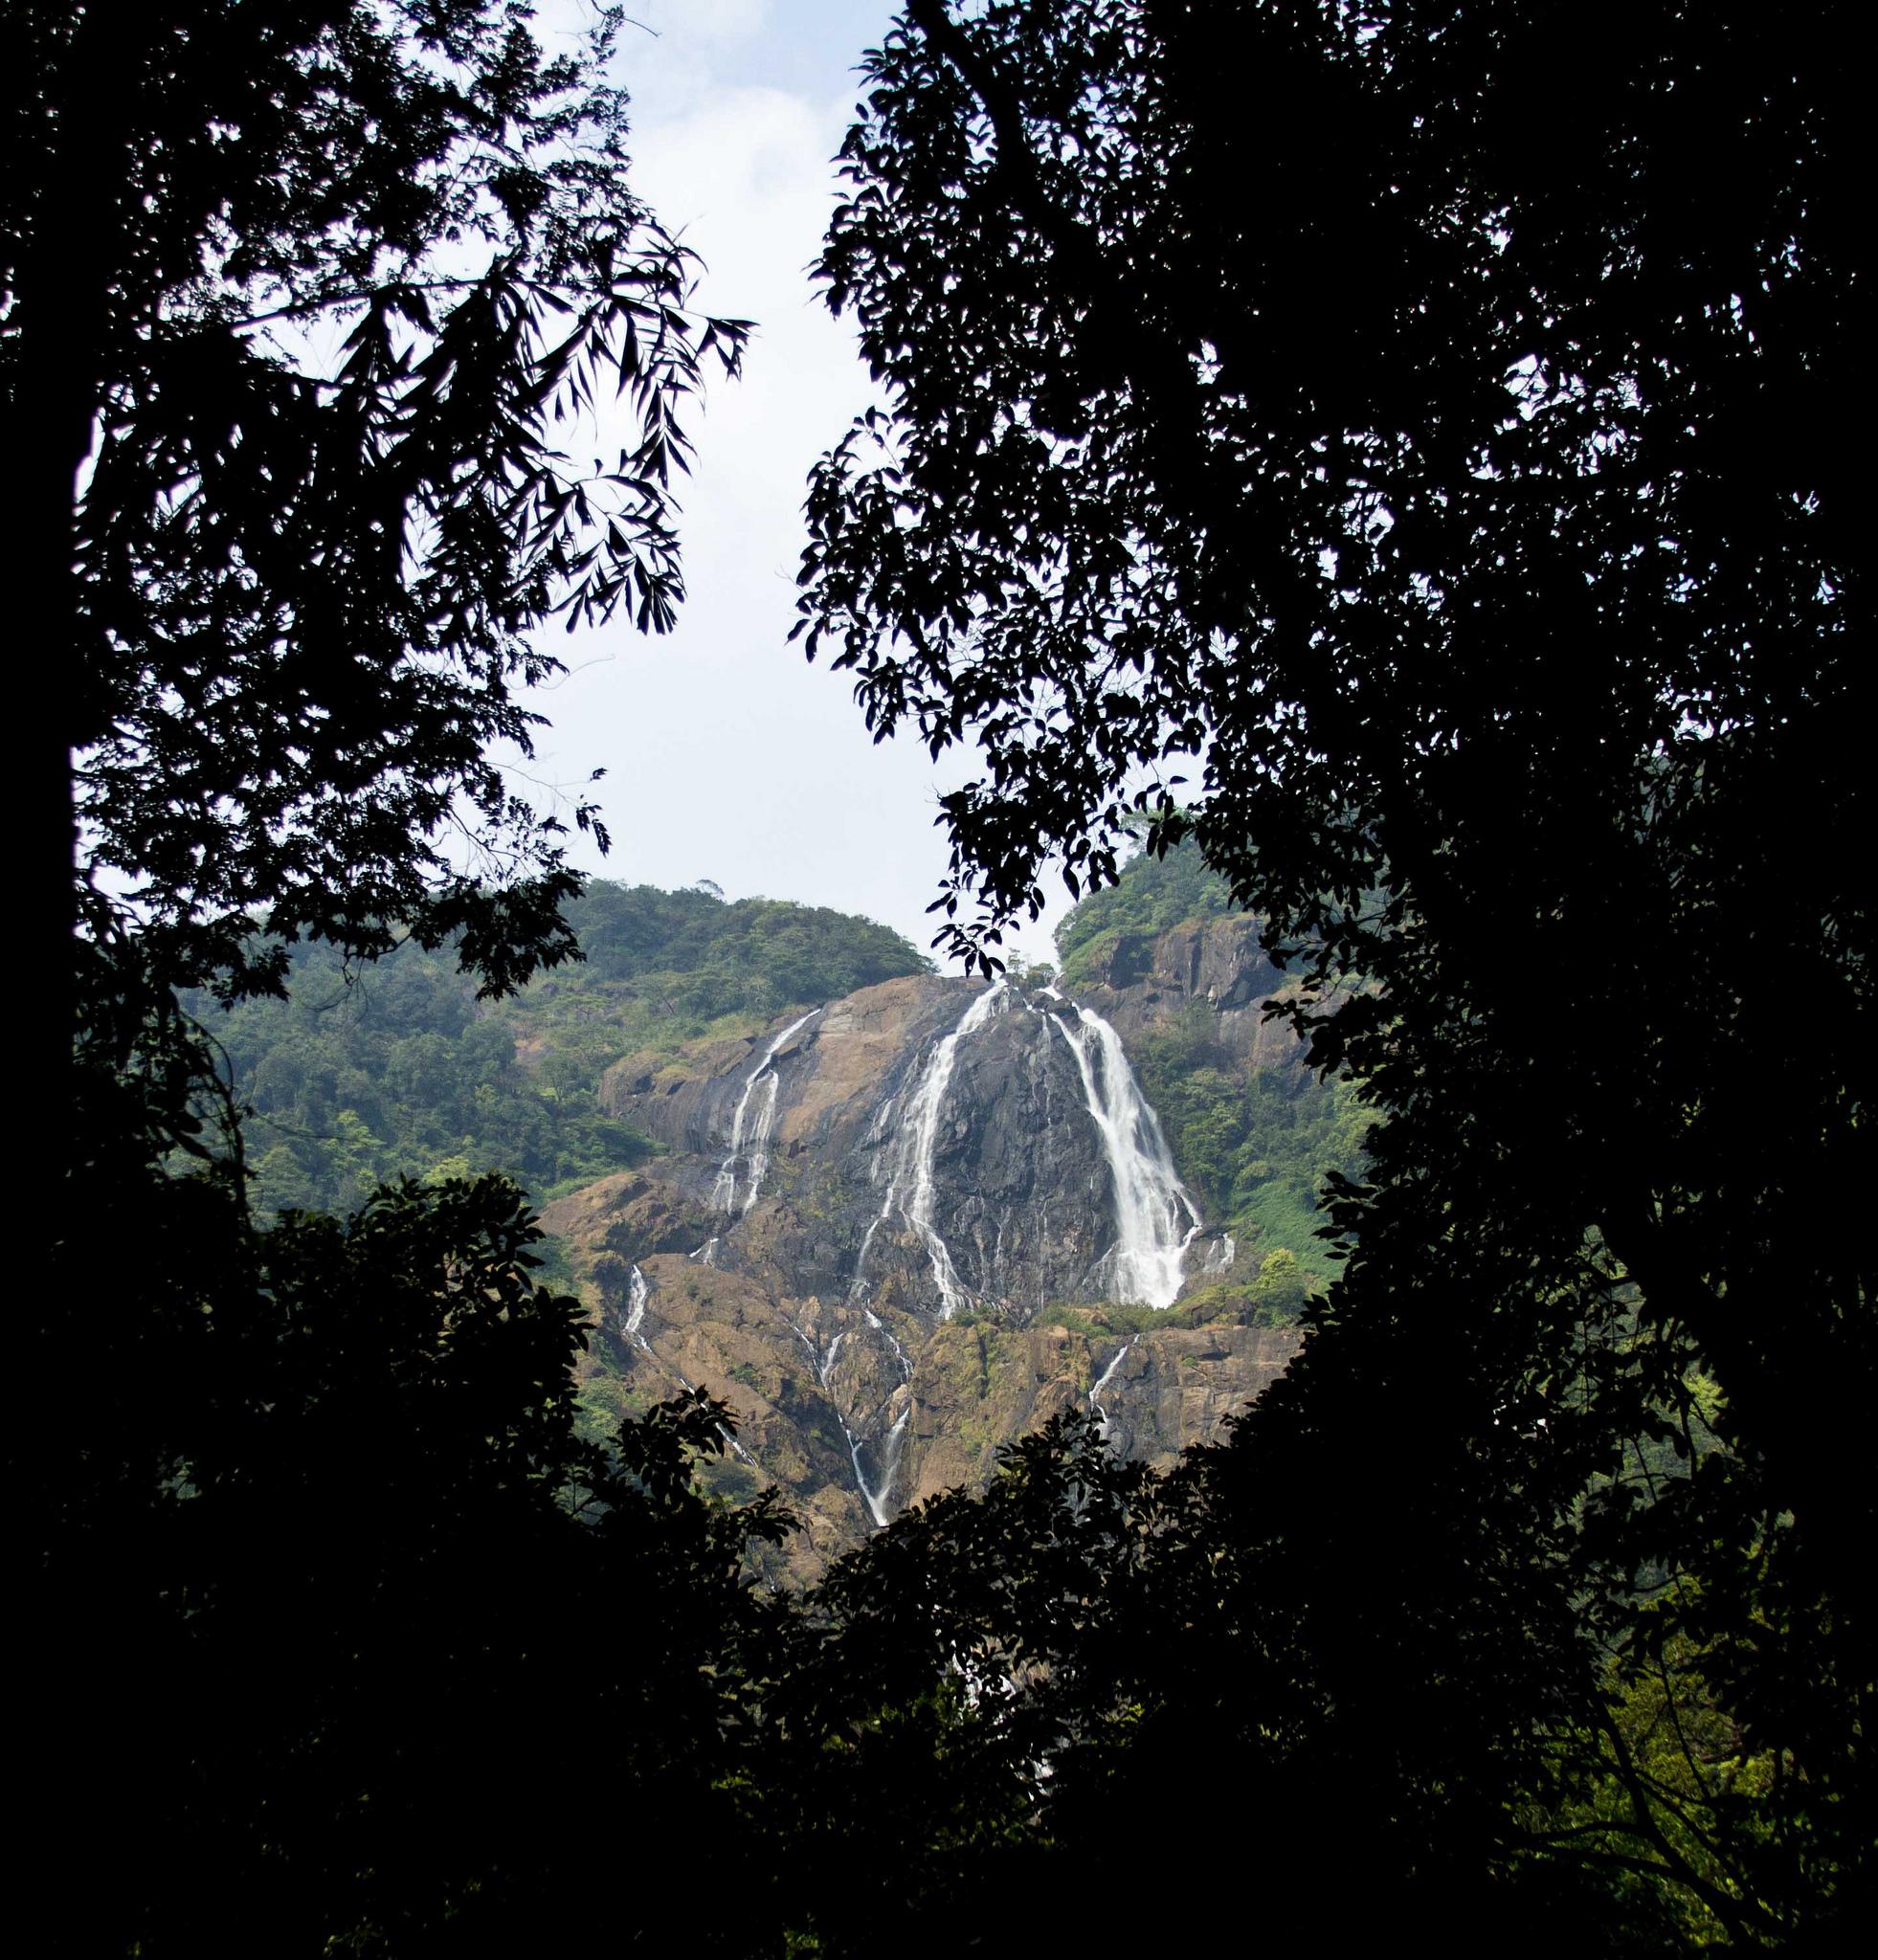 Вид на индийский водопад Дудхсагар, Индия